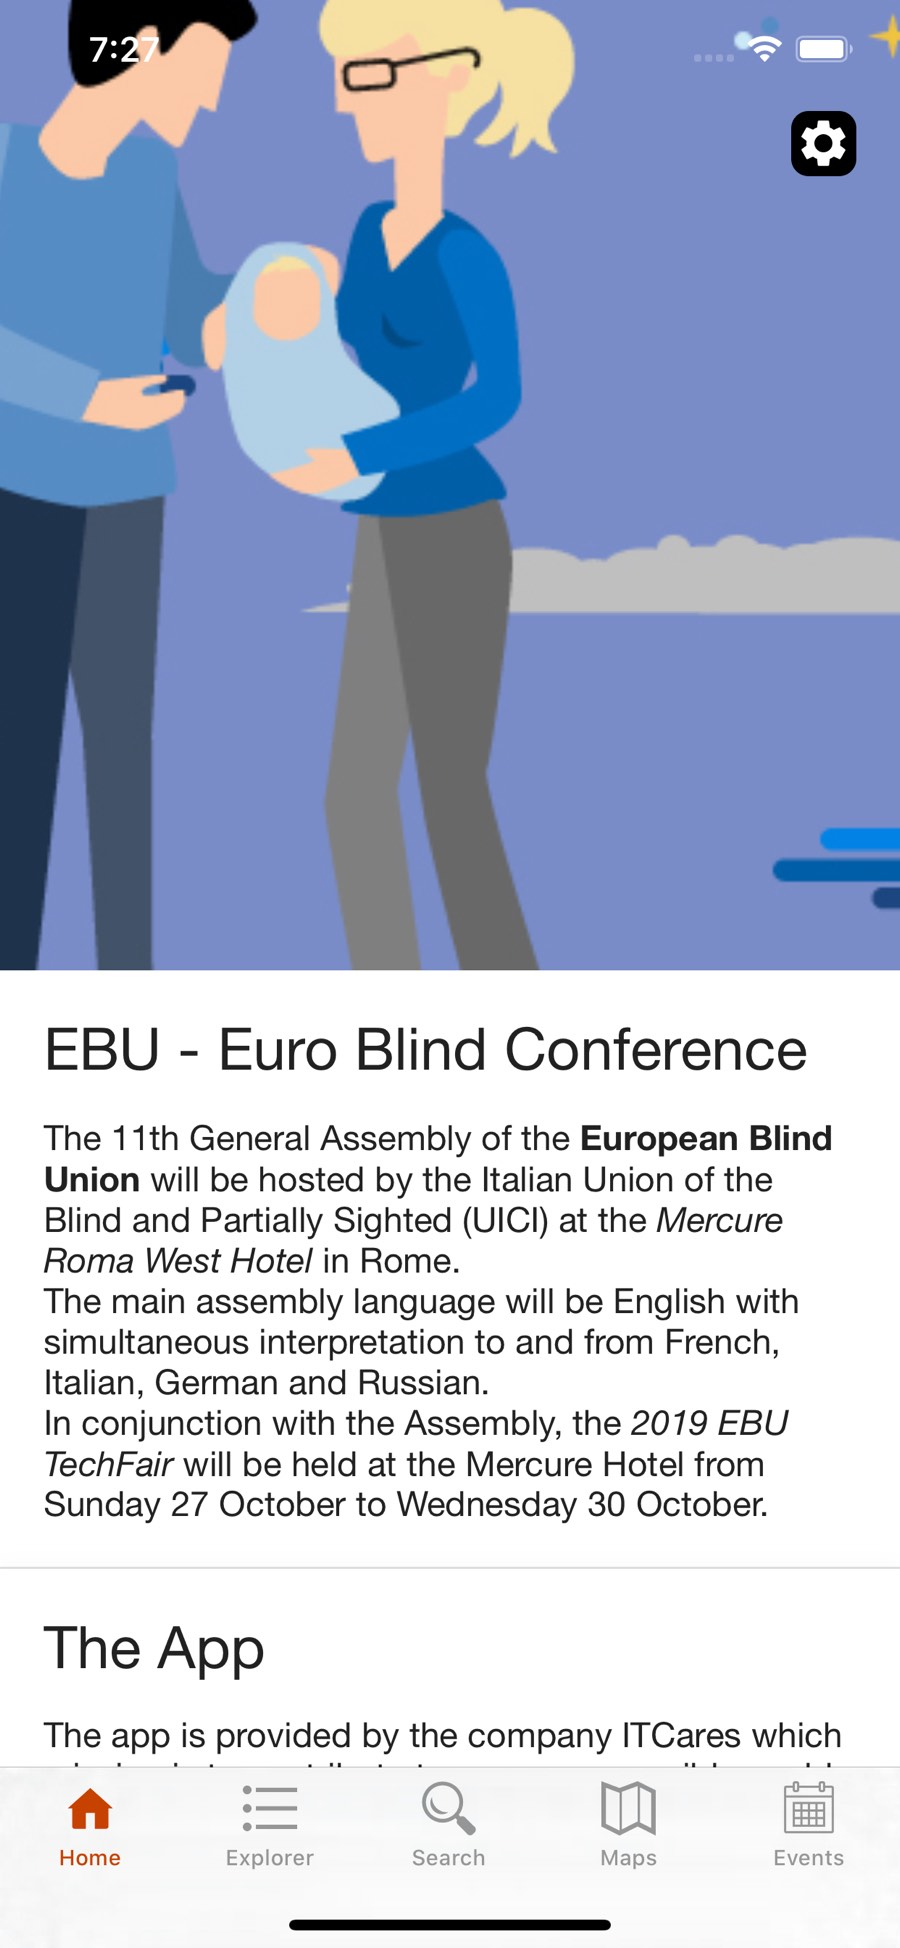 Schermata principale dell'app EBU